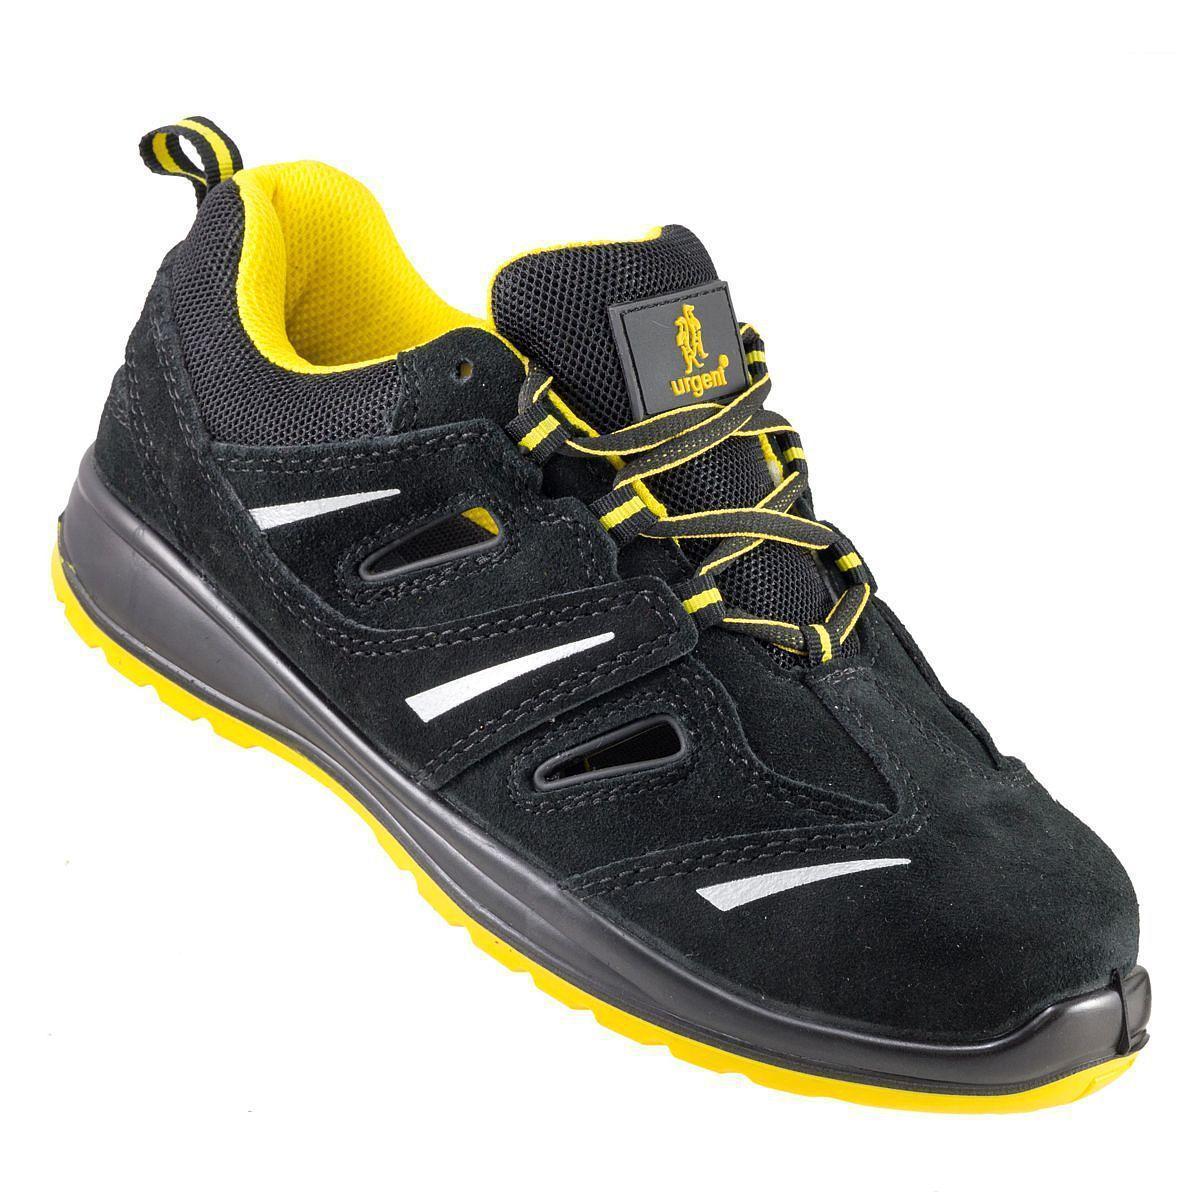 Кроссовки  206 S1  защитные с металлическим носком, черно-желтого цвета.  URGENT (POLAND)